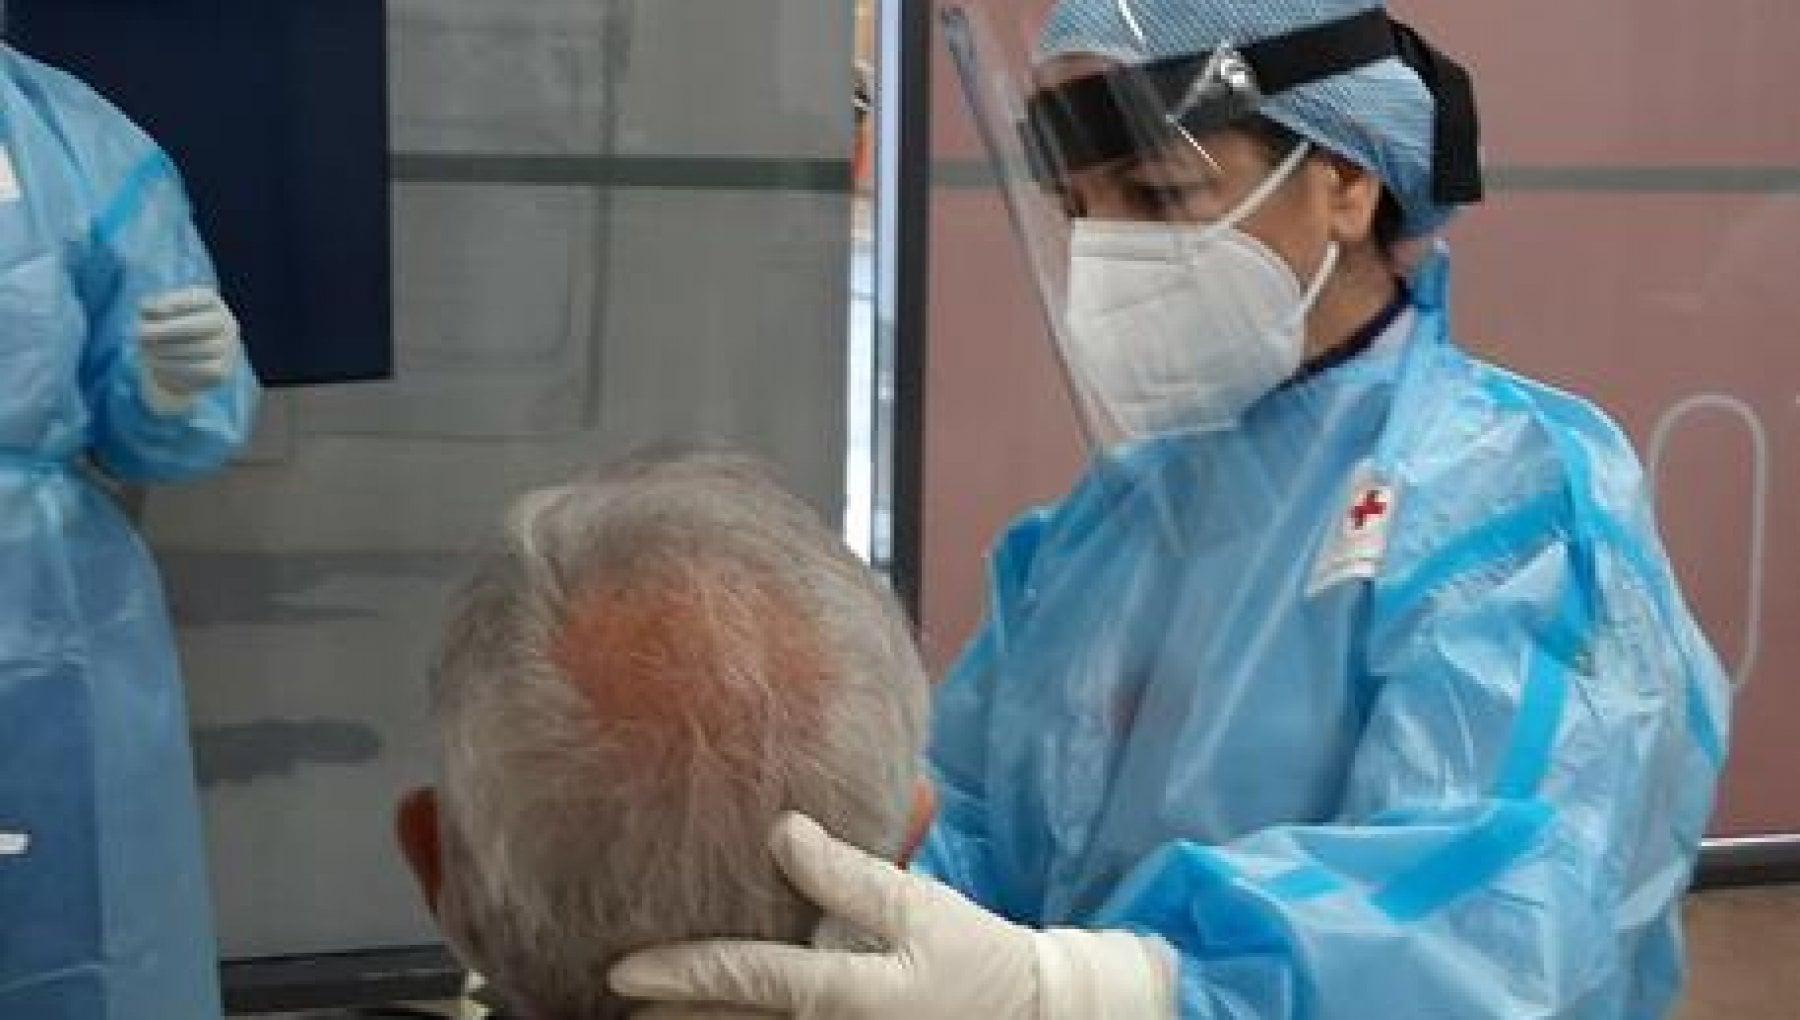 204457233 e2d627ea 2d9c 4b1c 8d02 b90c21c3510e - AstraZeneca e J&J, stop alle consegne: l'Italia va avanti con due soli vaccini